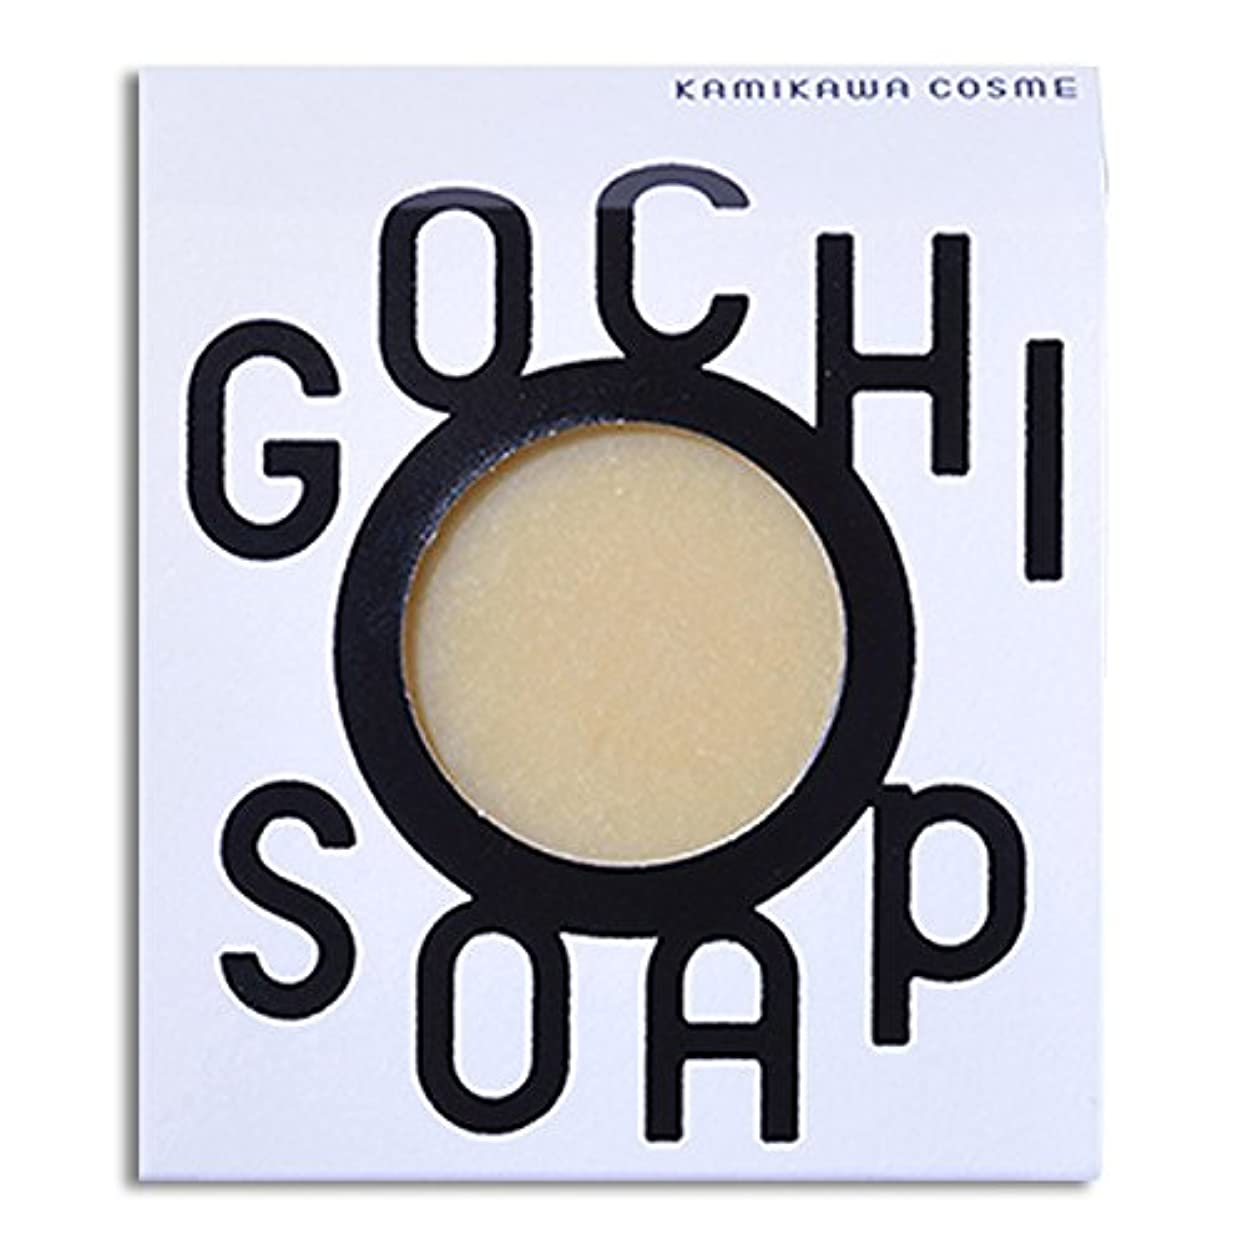 ピューリング無線道北の素材を使用したコスメブランド GOCHI SOAP(山路養蜂園の蜂蜜ソープ?ふじくらますも果樹園のりんごソープ)各1個セット